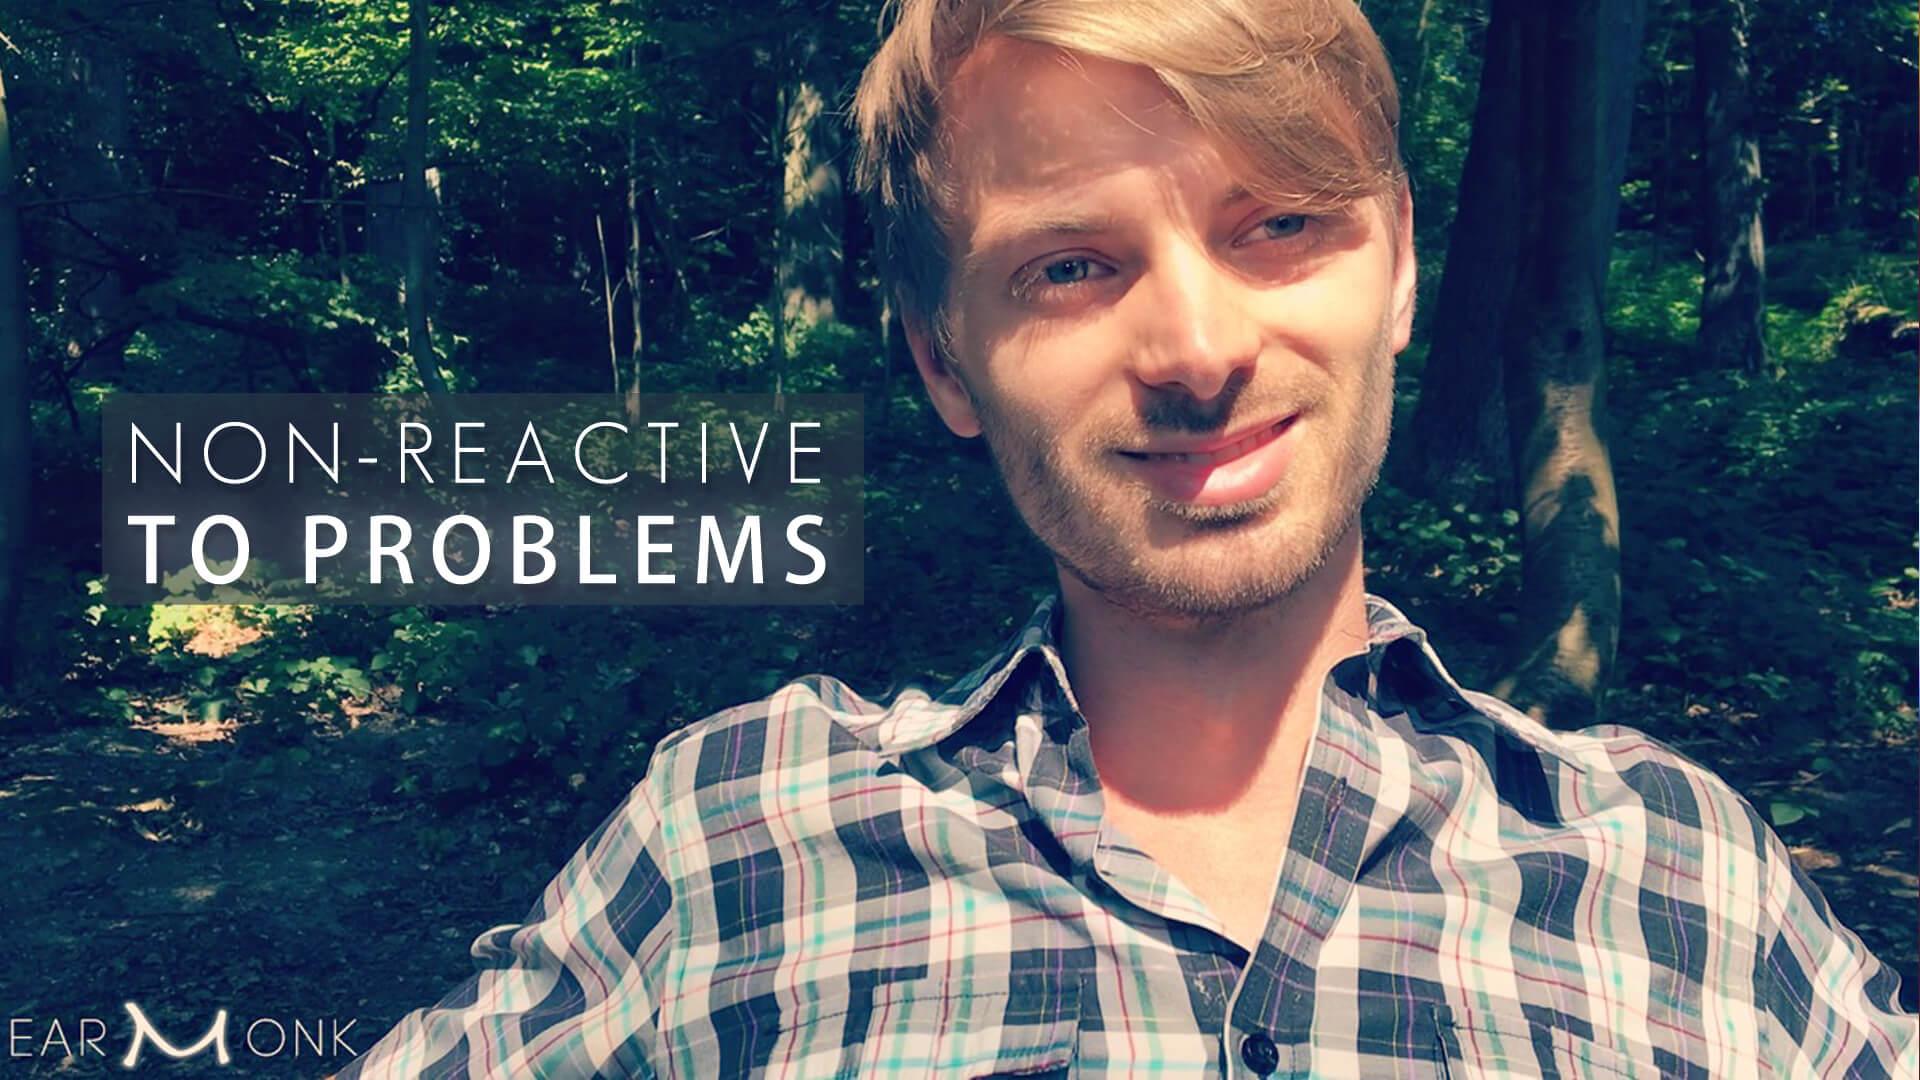 Non-Reactive-to-Problems